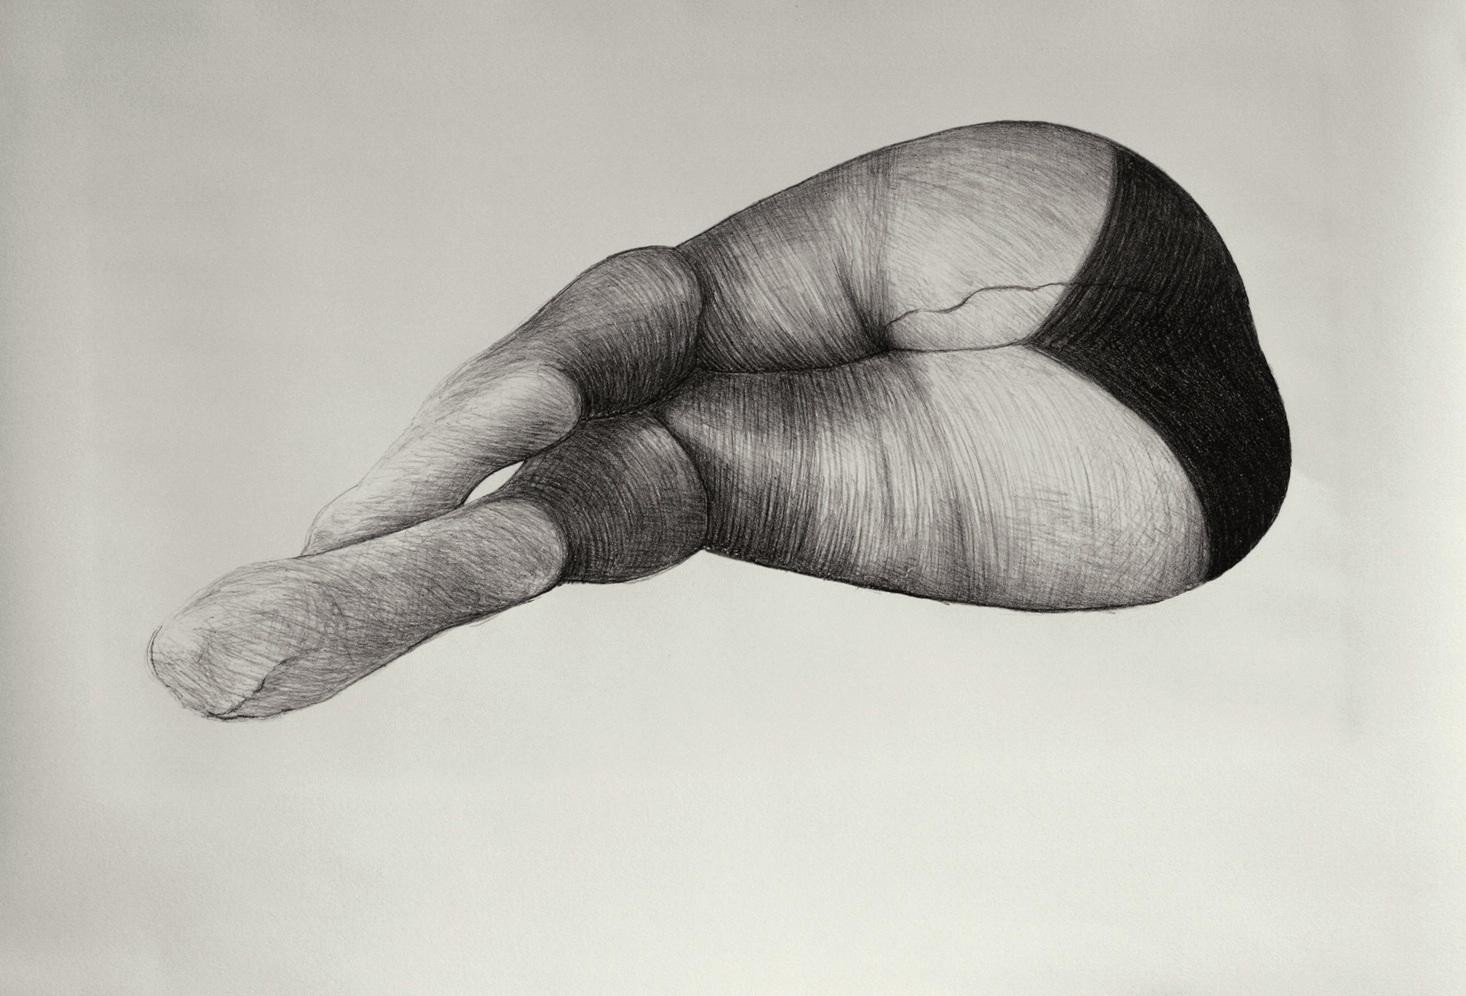 Longs, lithograph, 76 x 56 cm, 2010